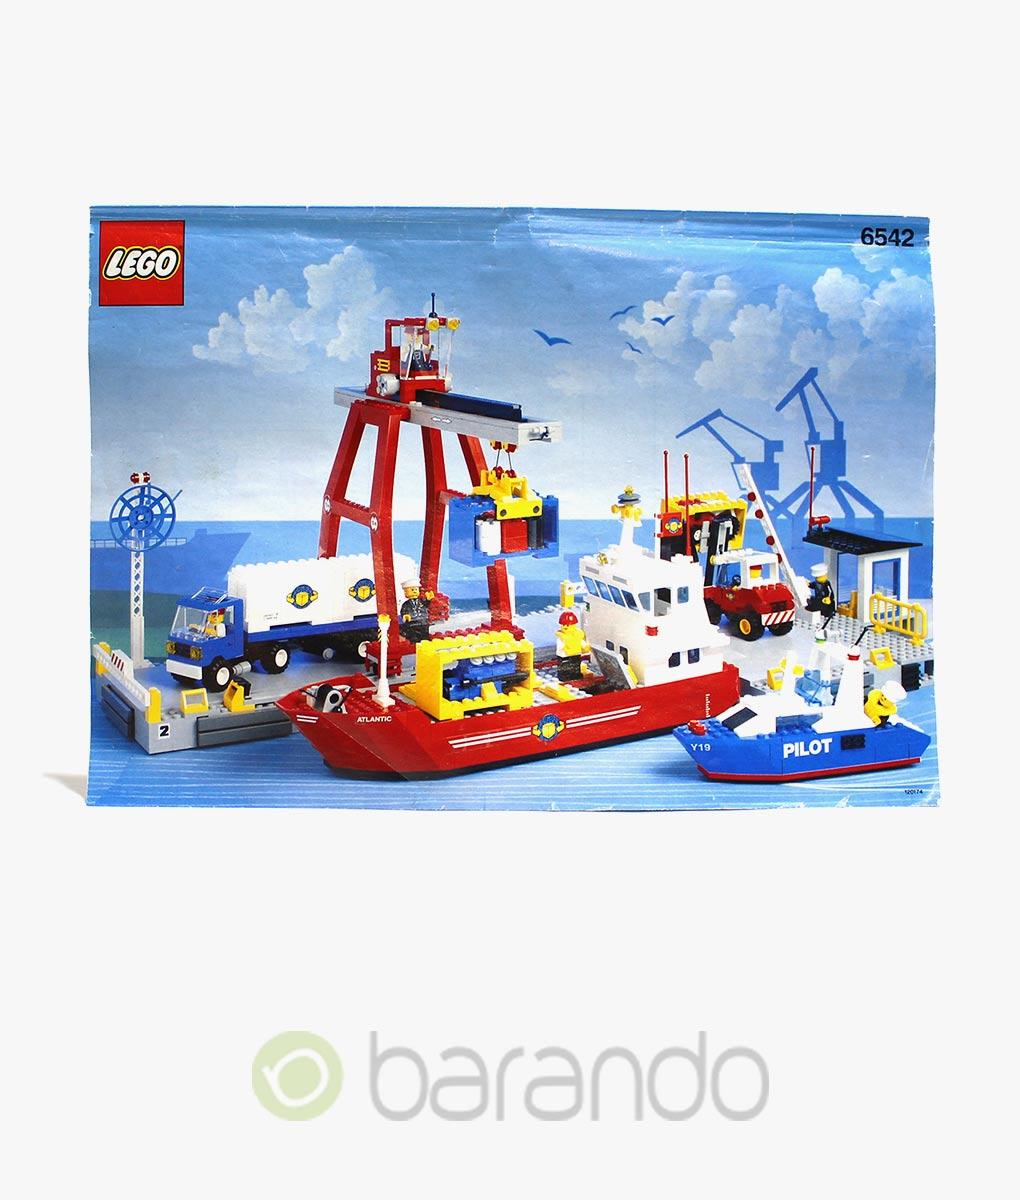 Lego sets im online shop preiswert kaufen barando for Lago shop online